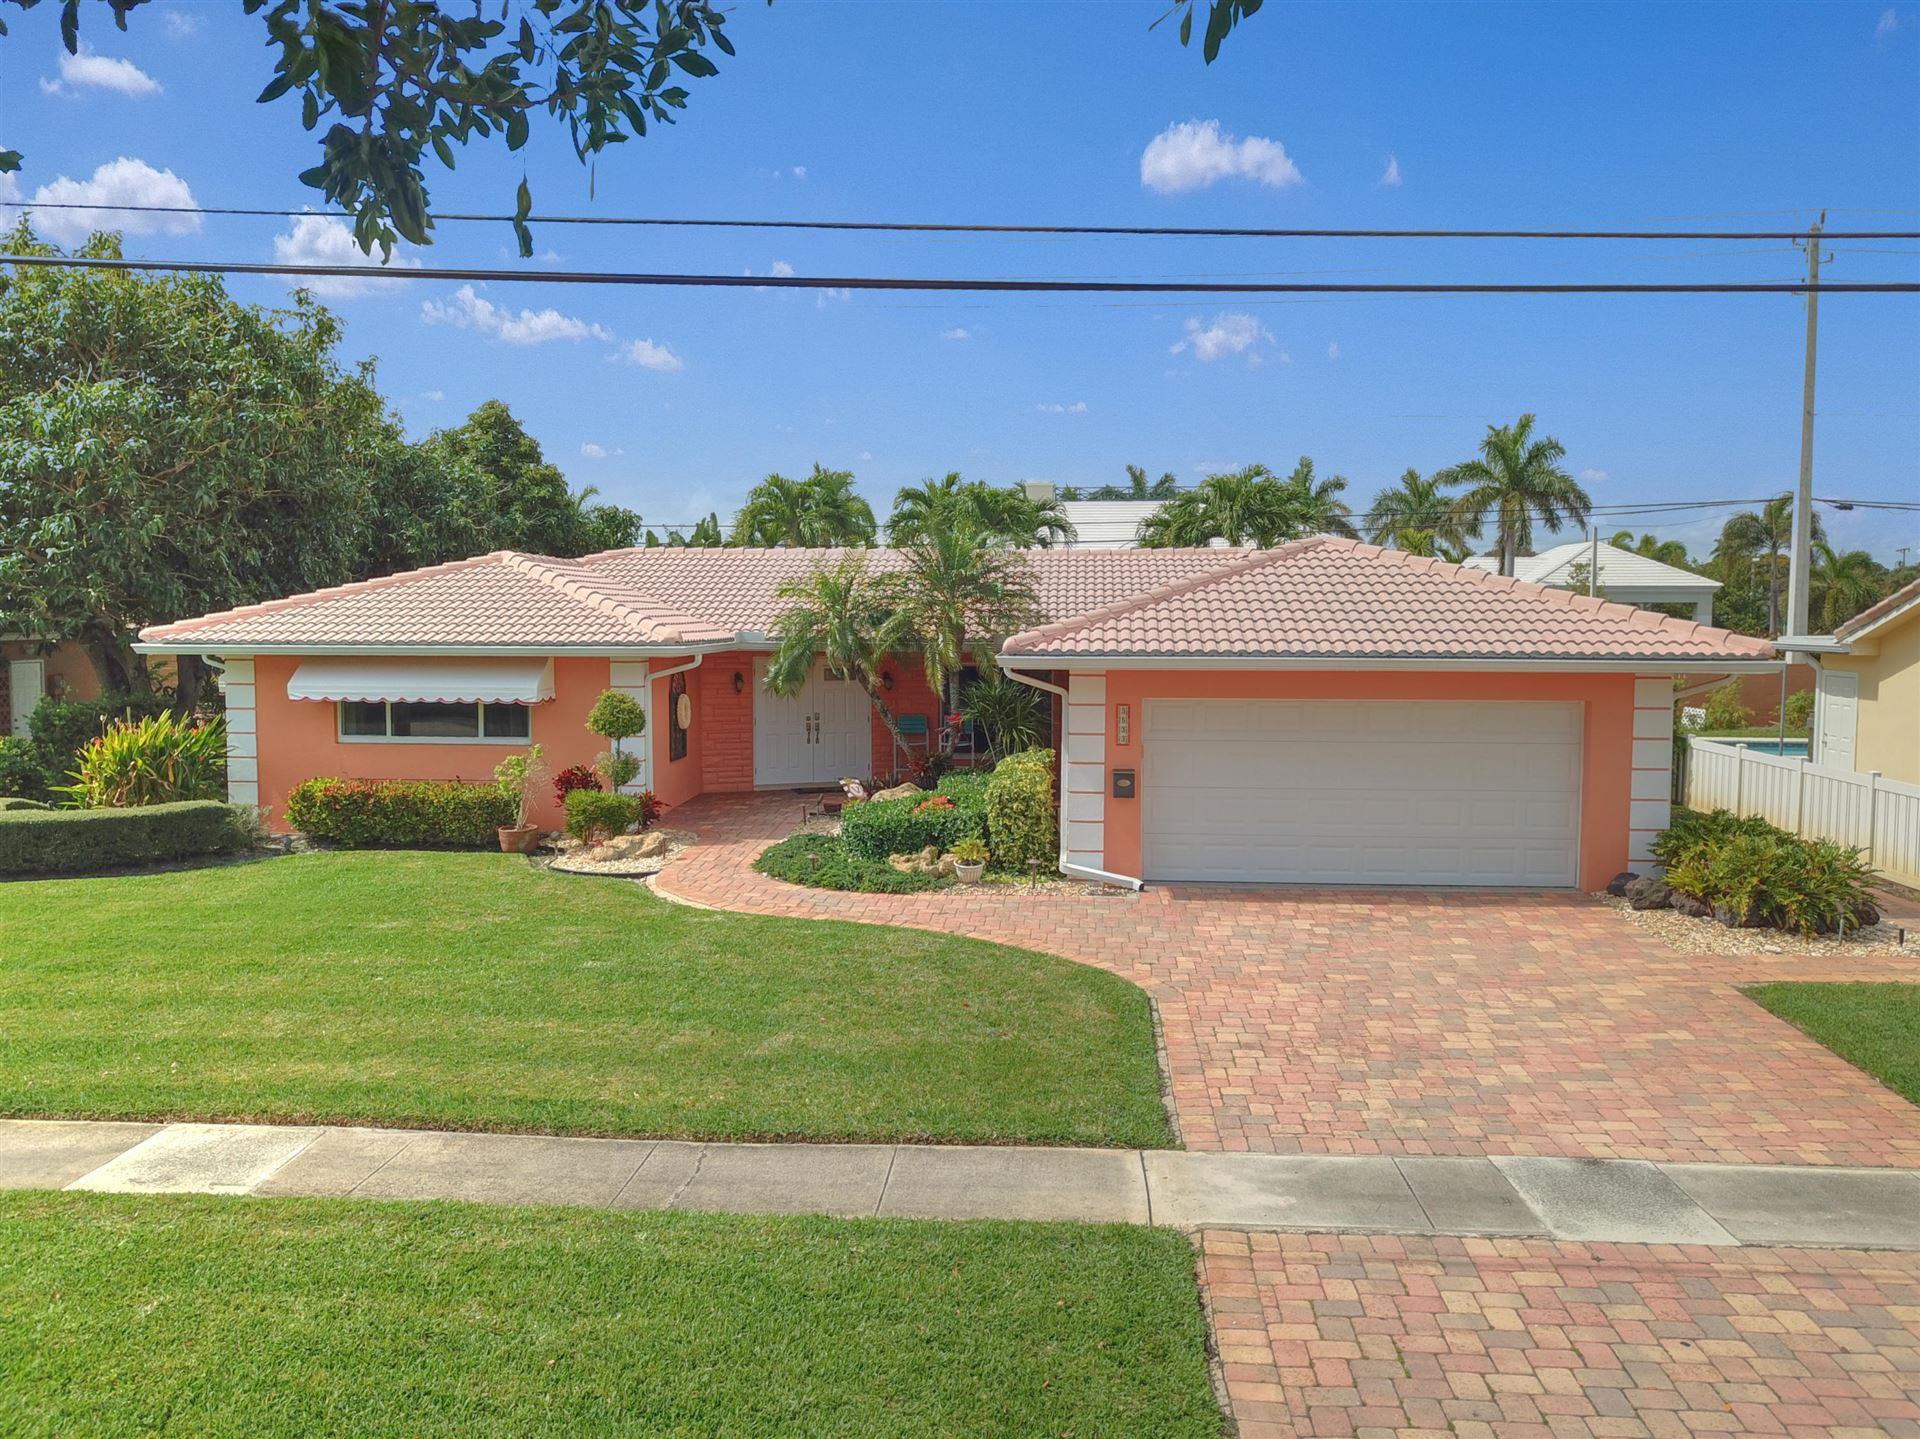 3533 NE 6th Drive, Boca Raton, FL 33431 - #: RX-10663316